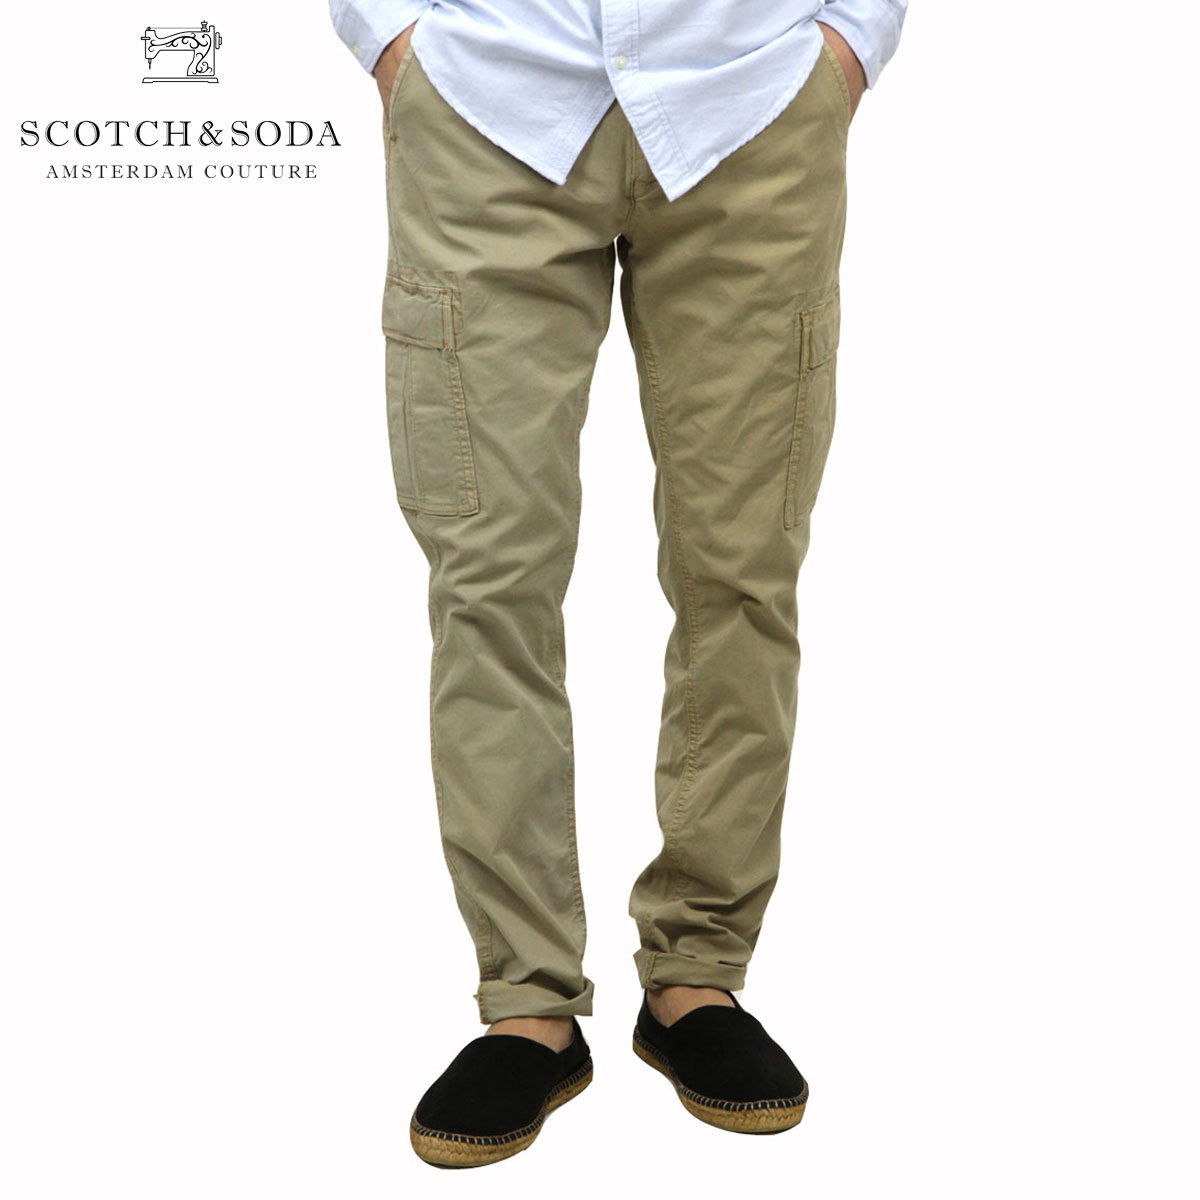 スコッチアンドソーダ SCOTCH&SODA 正規販売店 メンズ コットンパンツ Classic garment dyed combat pant 101725 37 D00S20